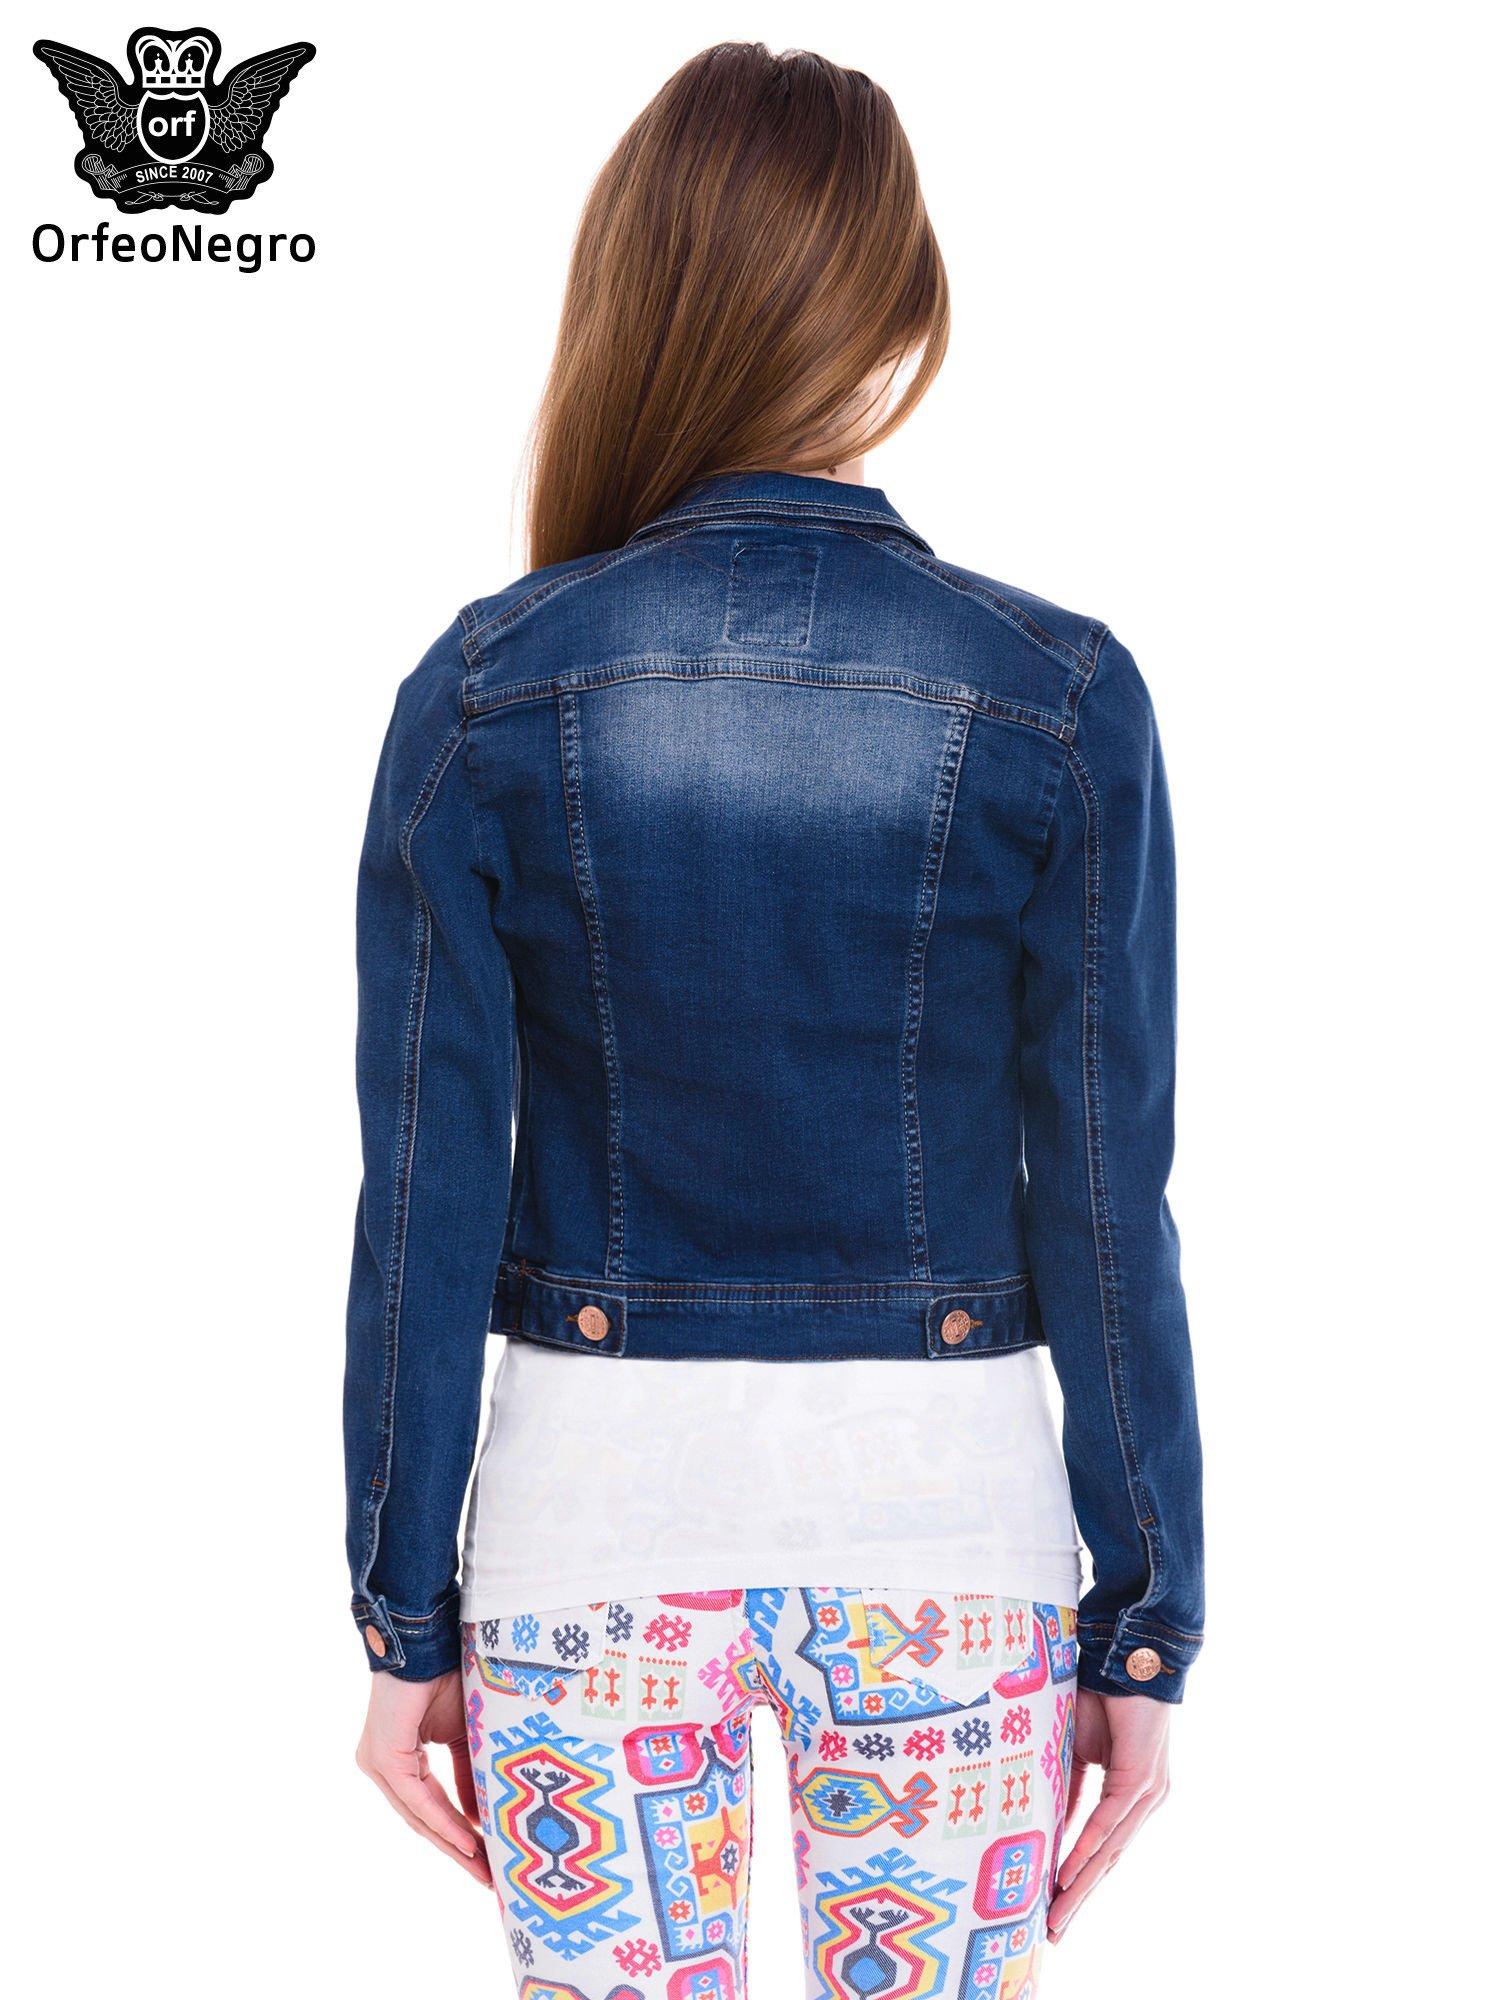 Ciemnoniebieska kurtka jeansowa damska z cieniowaniem i przetarciami                                  zdj.                                  4